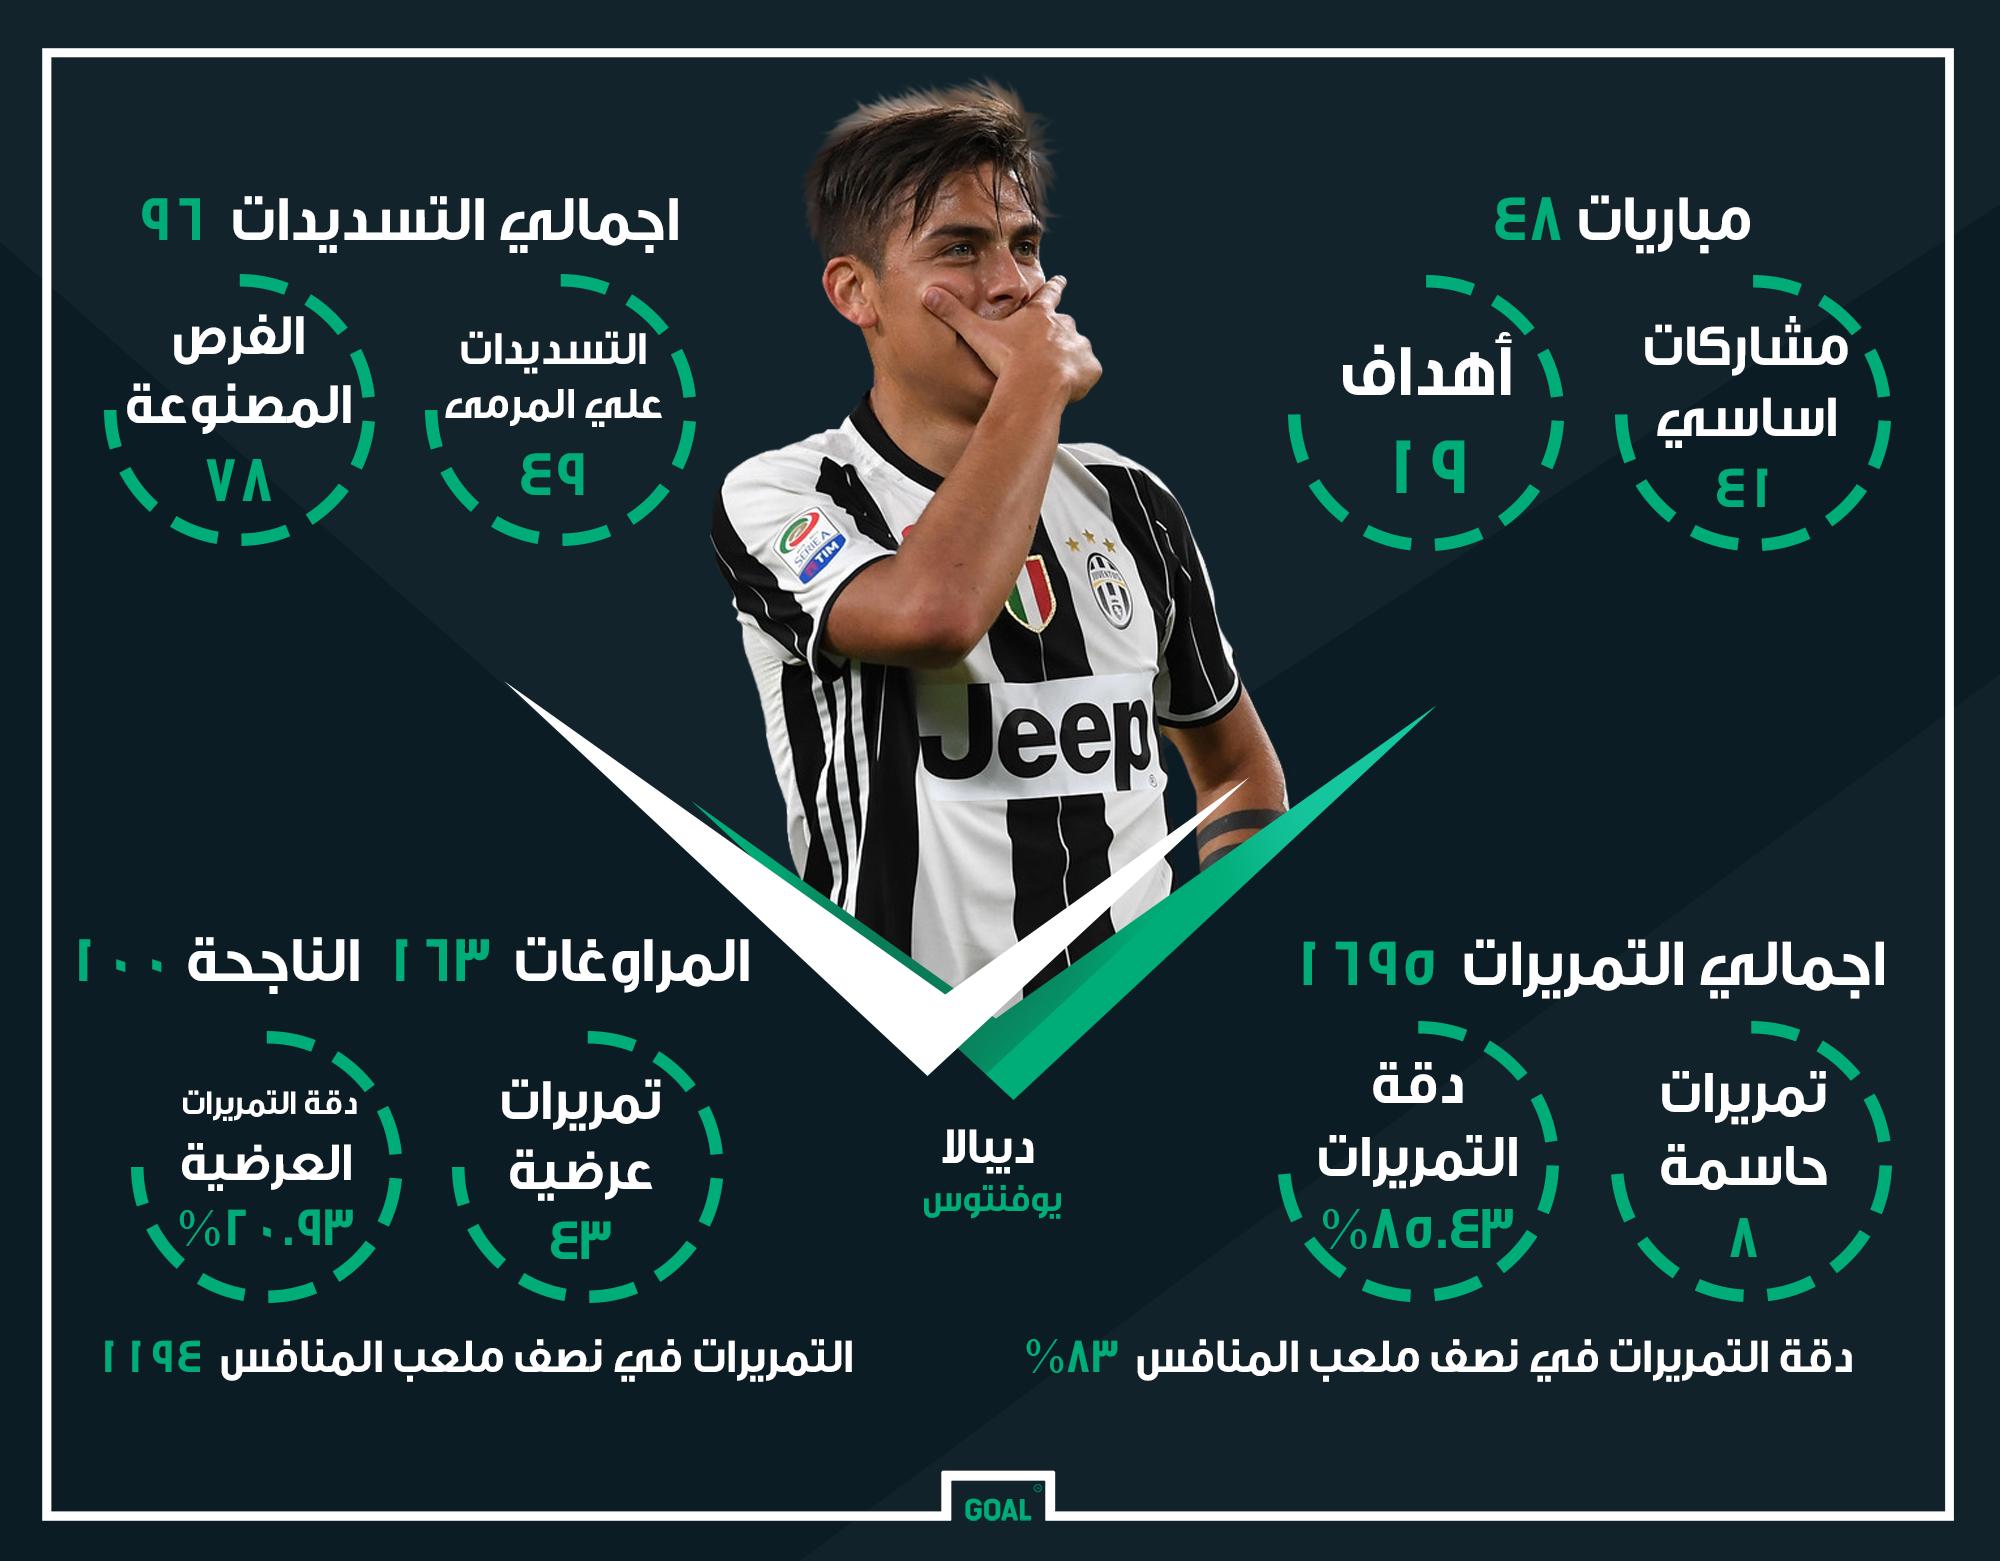 GFX AR Paulo Dybala Juventus 2016-17 Stats